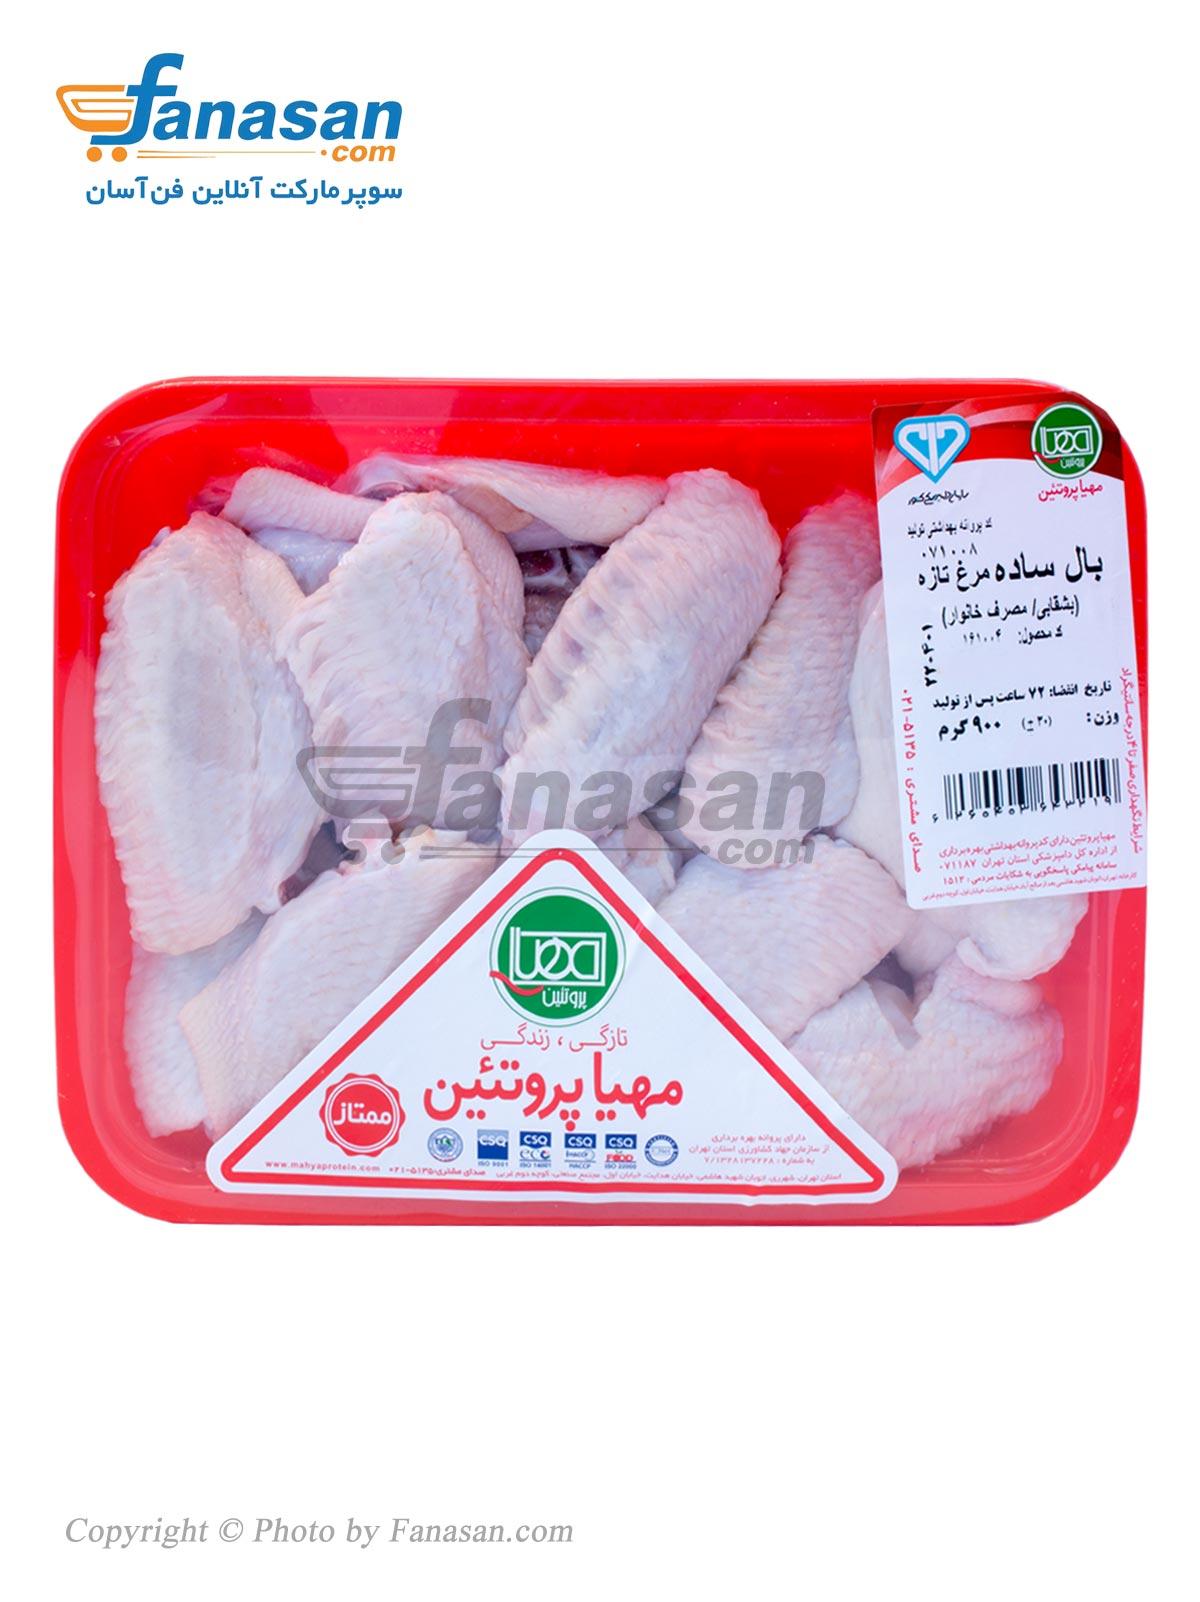 بال ساده مرغ مهیا پروتئین 900 گرم